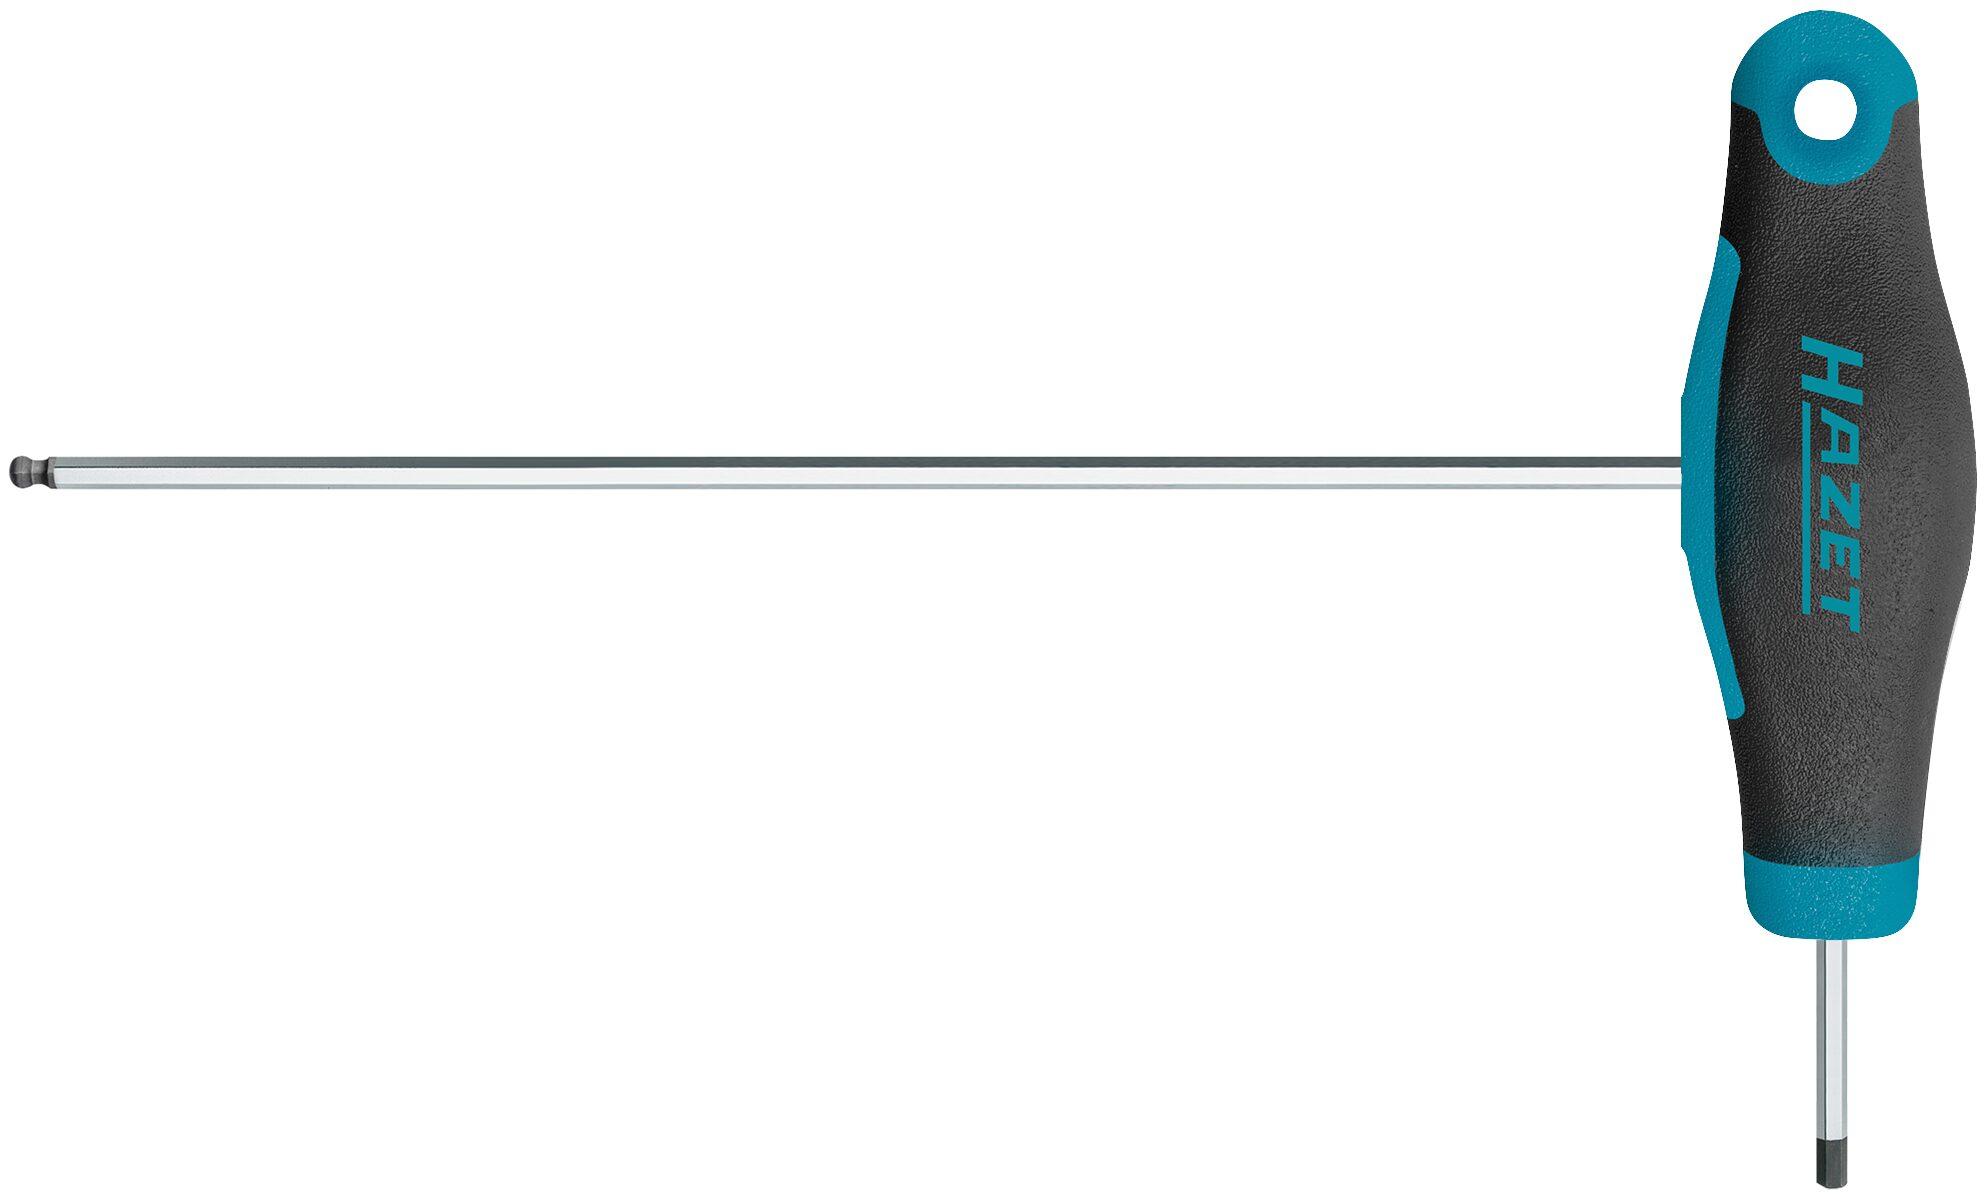 HAZET Schraubendreher ∙ mit T-Griff 829KK-2 ∙ Innen-Sechskant Profil ∙ 2 mm